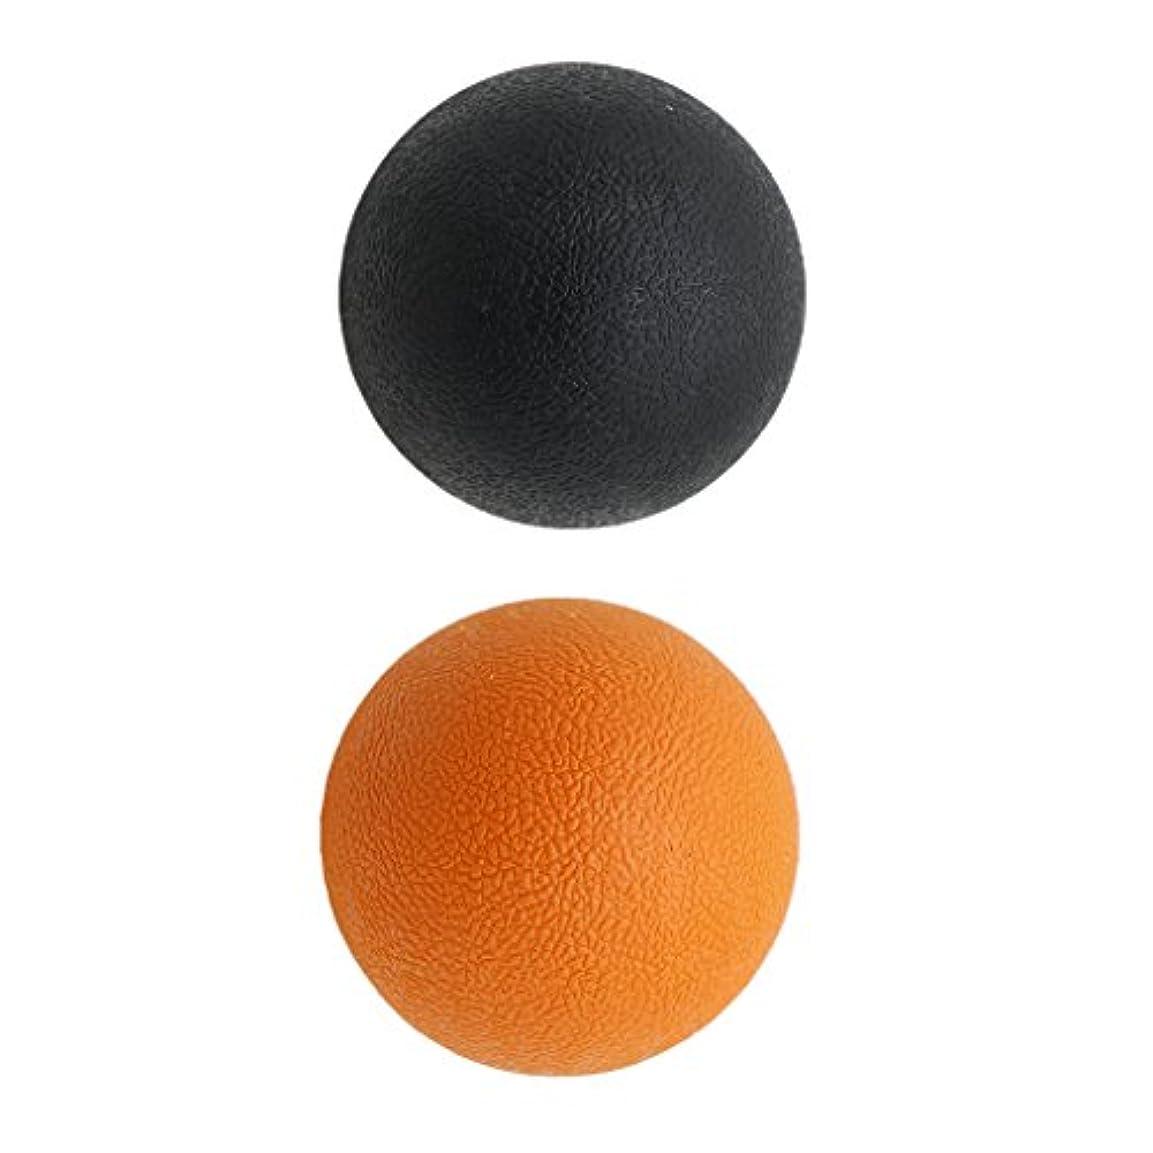 好みアルコール実際のKesoto 2個 マッサージボール ラクロスボール 背部 トリガ ポイント マッサージ 多色選べる - オレンジブラック